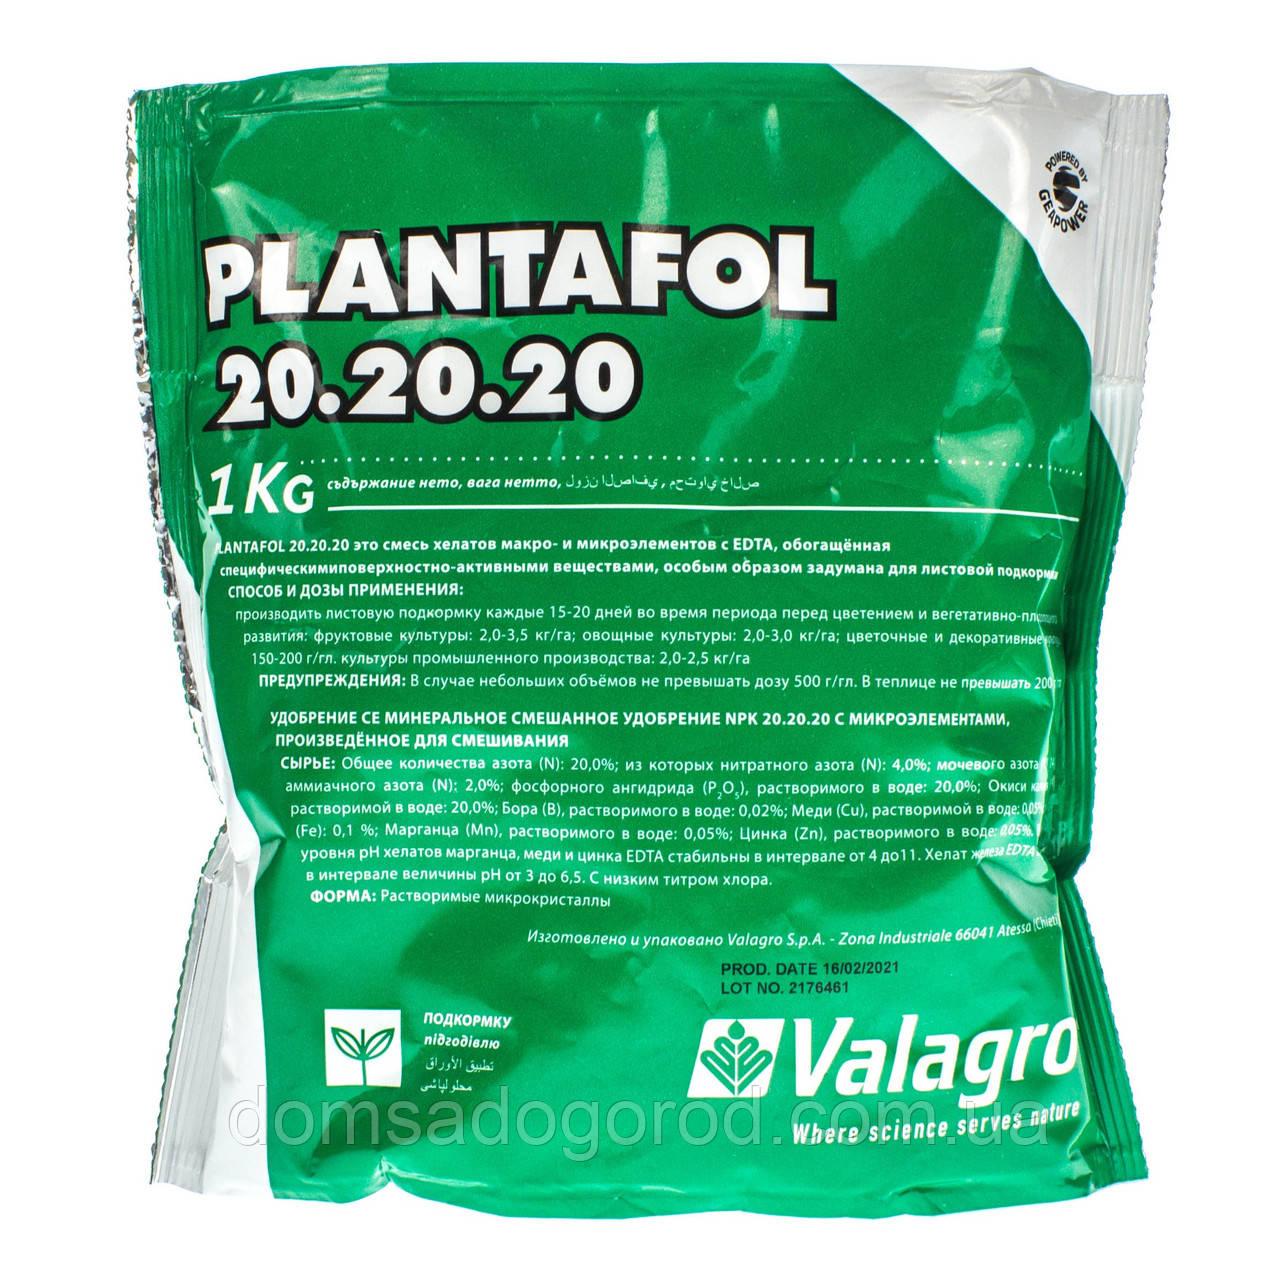 Комплексное удобрение PLANTAFOL (ПЛАНТАФОЛ) NPK 20.20.20. Valagro (рост плодов, 1 кг)